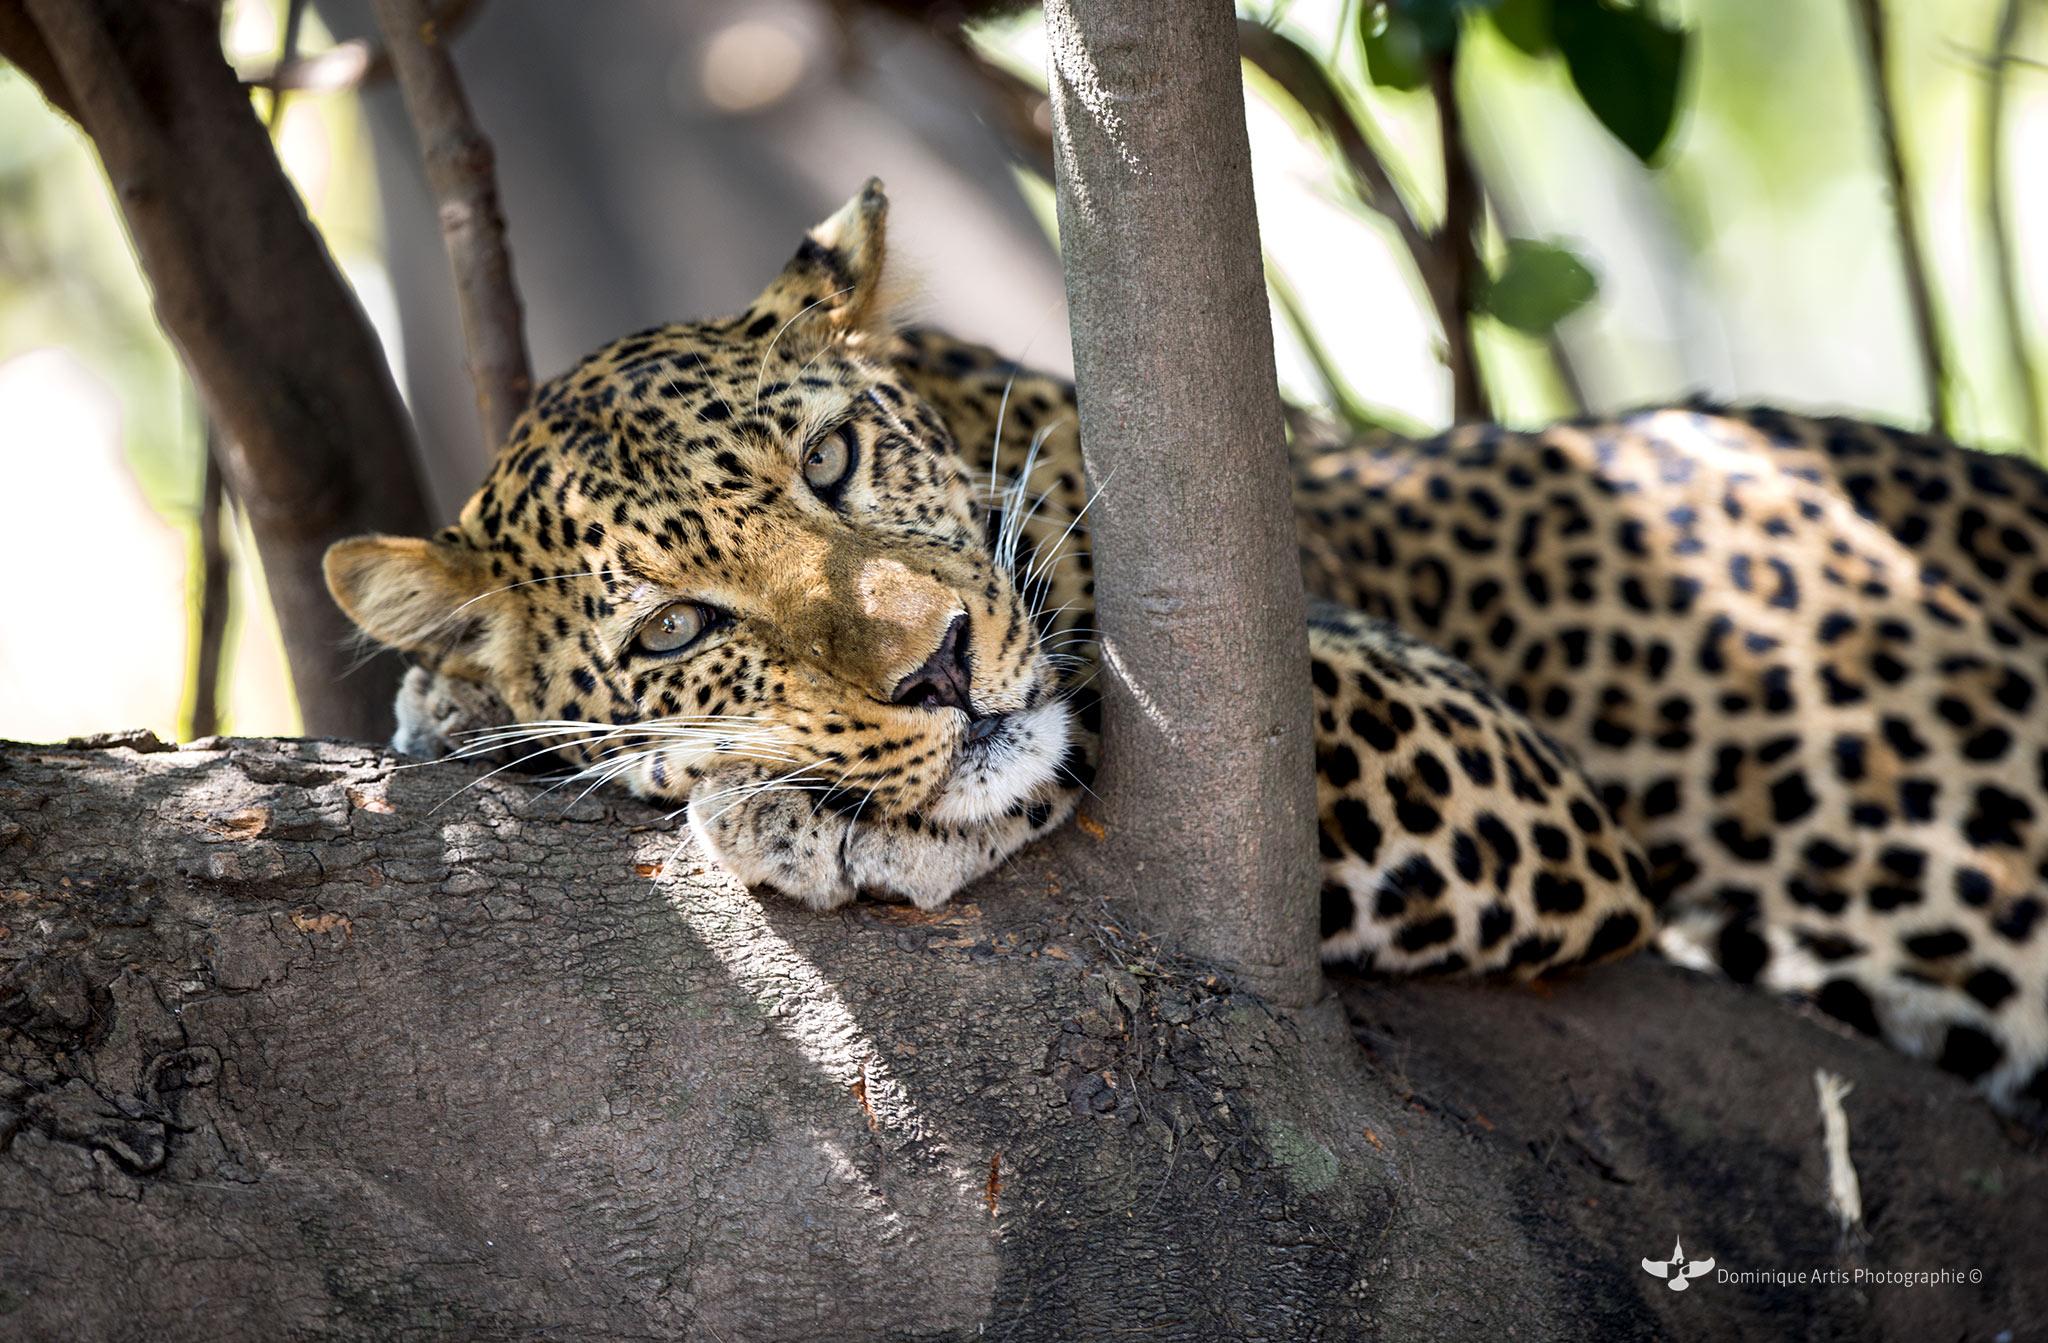 Le lion (Panthera leo) ParcNational South Luangwa - Zambie 2012. Mammifères carnivores de la famille des félidés. La femelle du lion est la lionne, son petit est le lionceau. Le mâle adulte, aisément reconnaissable à son importante crinière, accuse une masse moyenne qui peut être variable selon les zones géographiques où il se trouve, allant de 180 kg pour les lions de Kruger à 230 kg pour les lions de Transvaal.